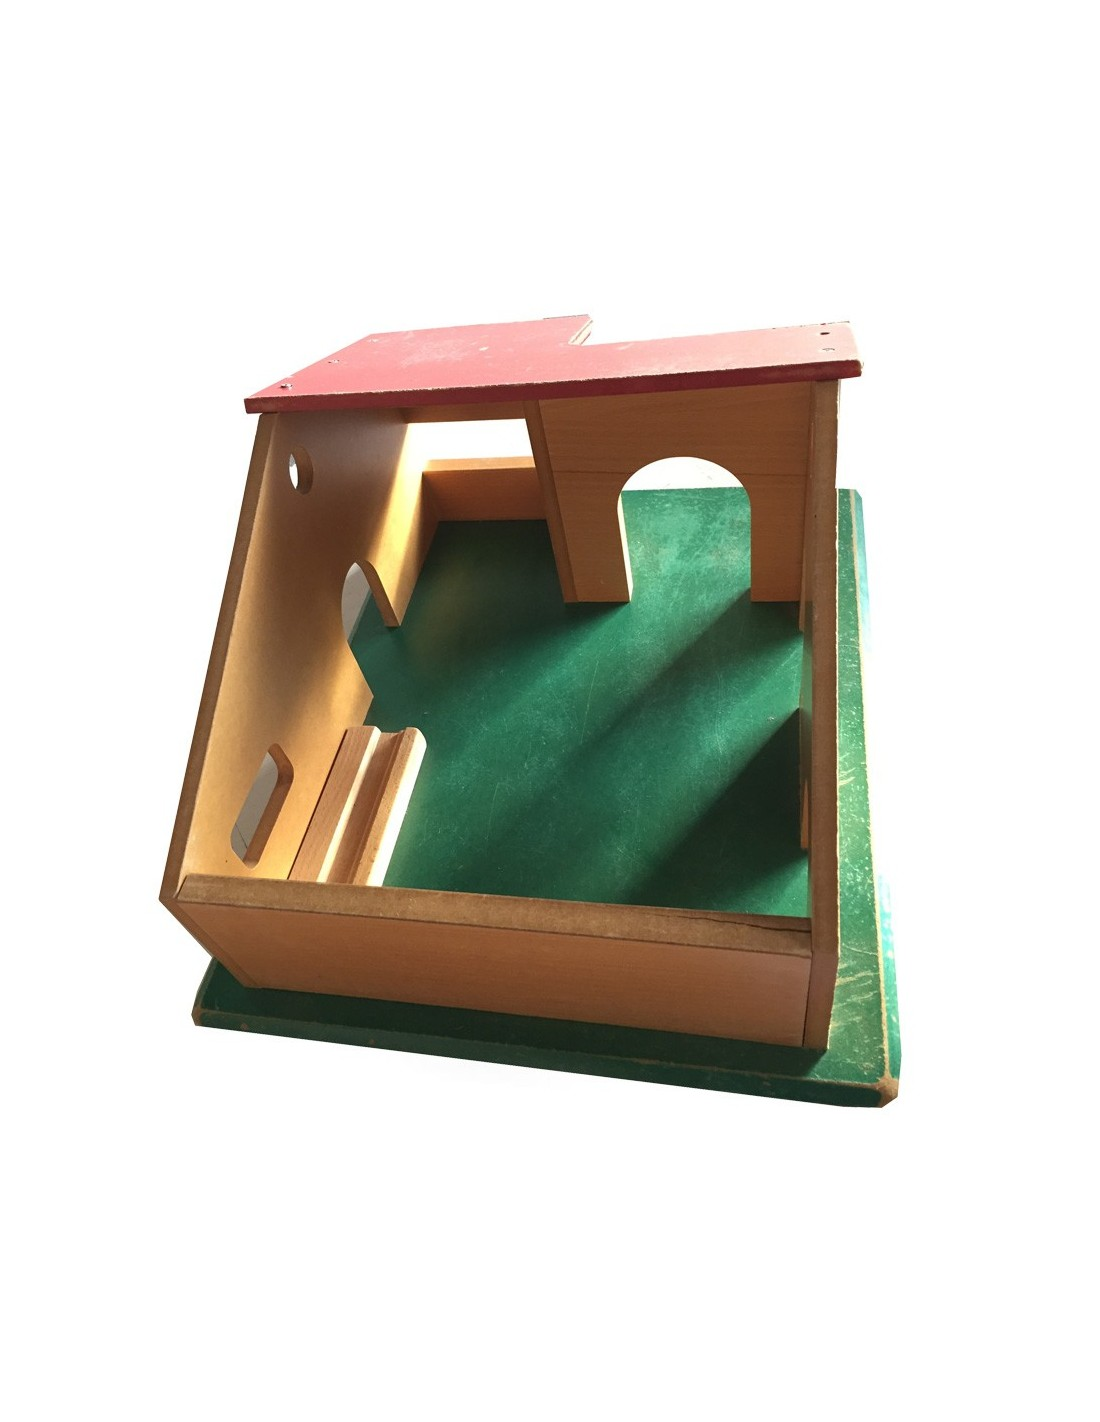 grande maison en bois petite poupee le ons de choses. Black Bedroom Furniture Sets. Home Design Ideas